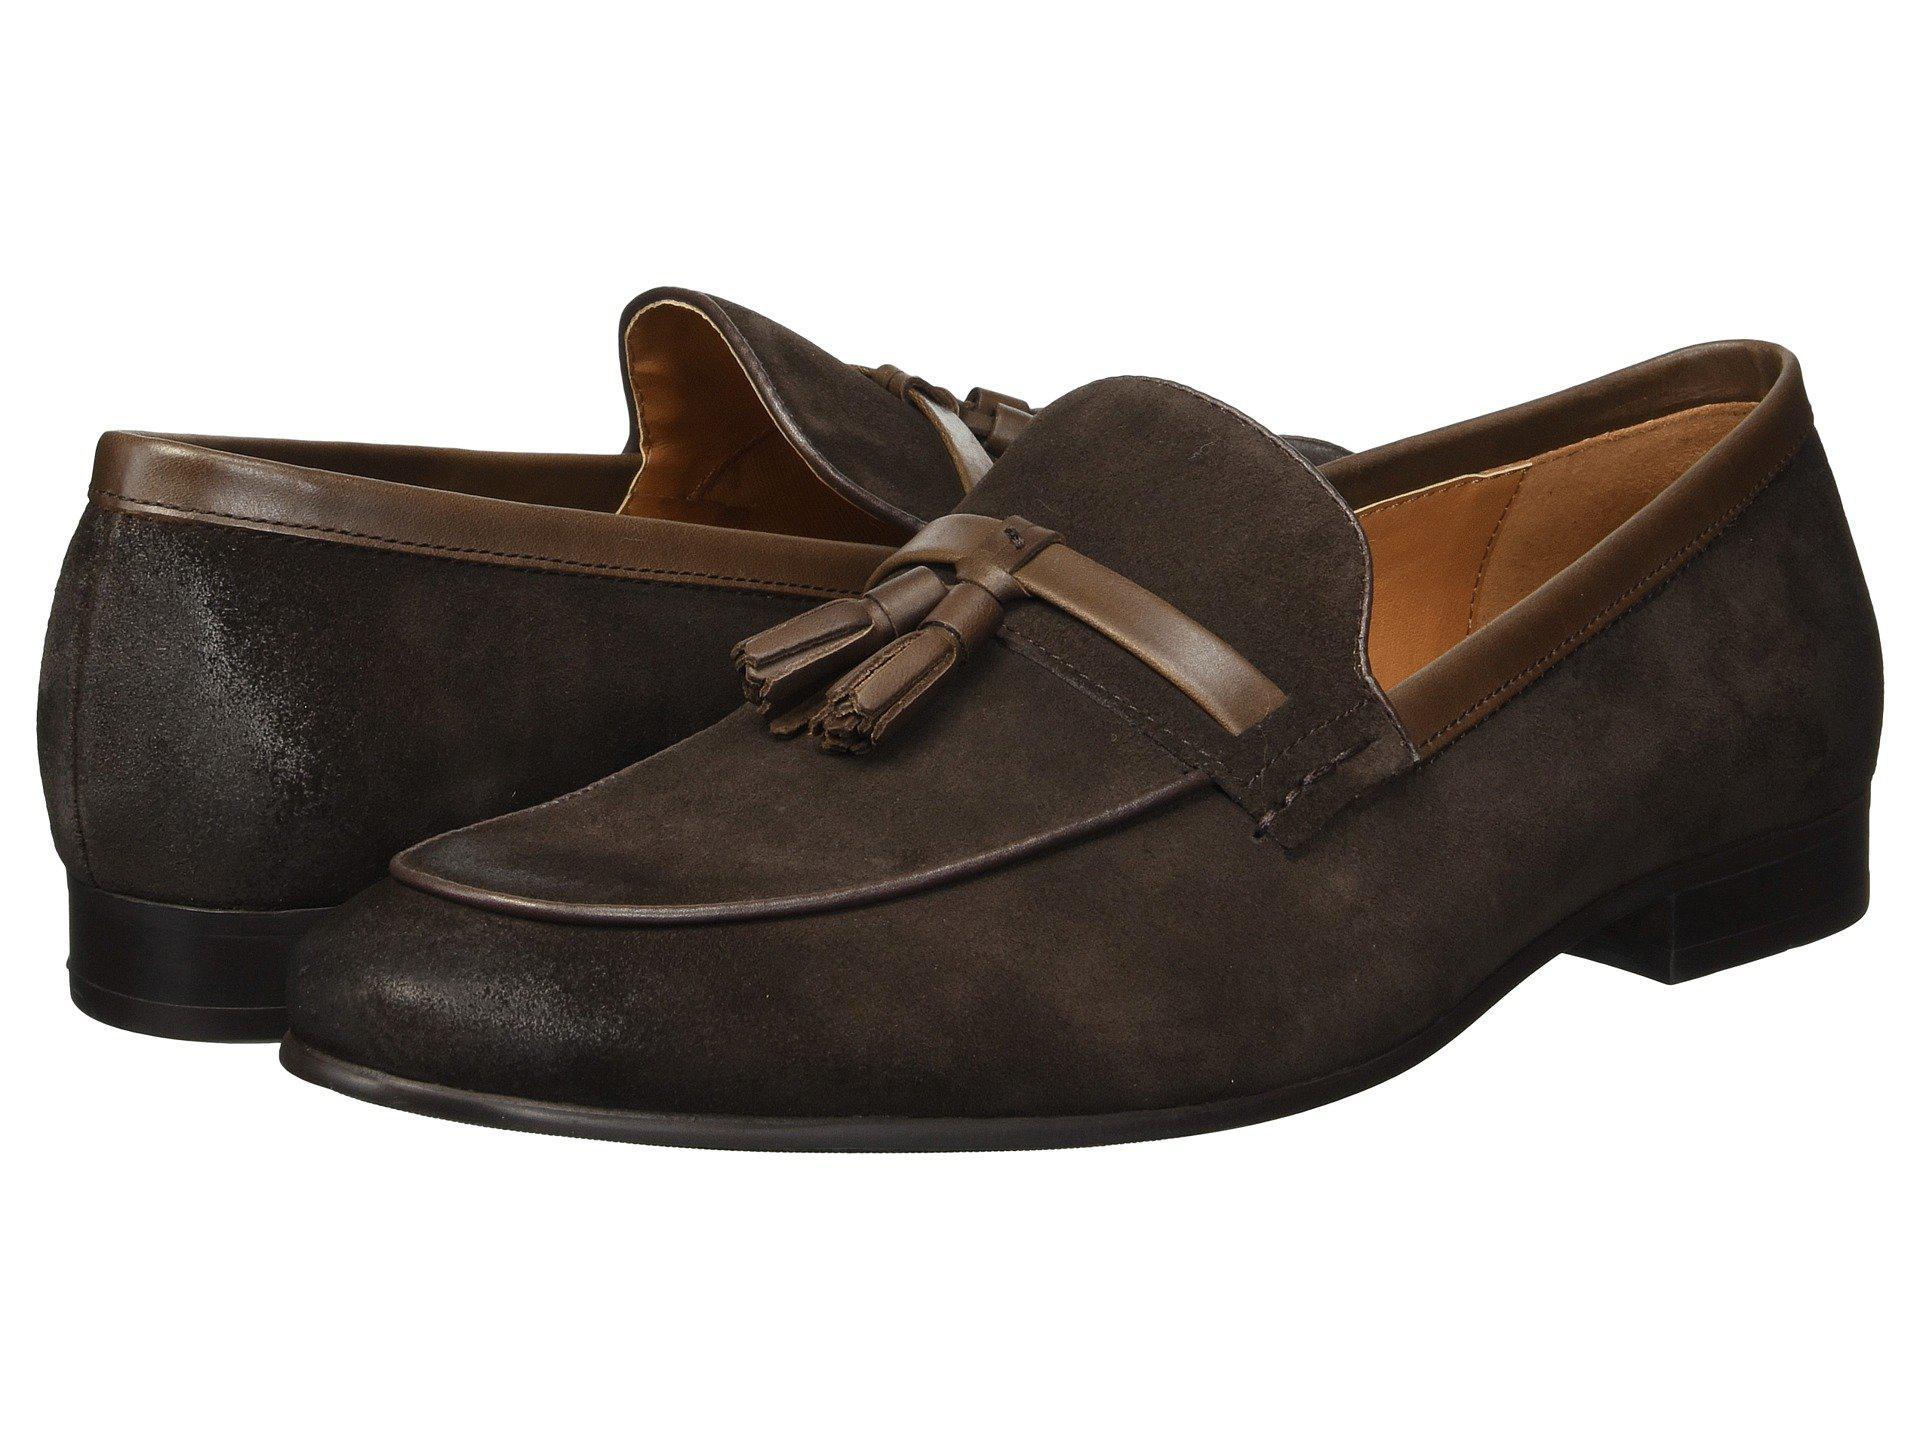 8da465c87df Lyst - Steve Madden Summit (brown Suede) Men s Slip On Shoes in ...